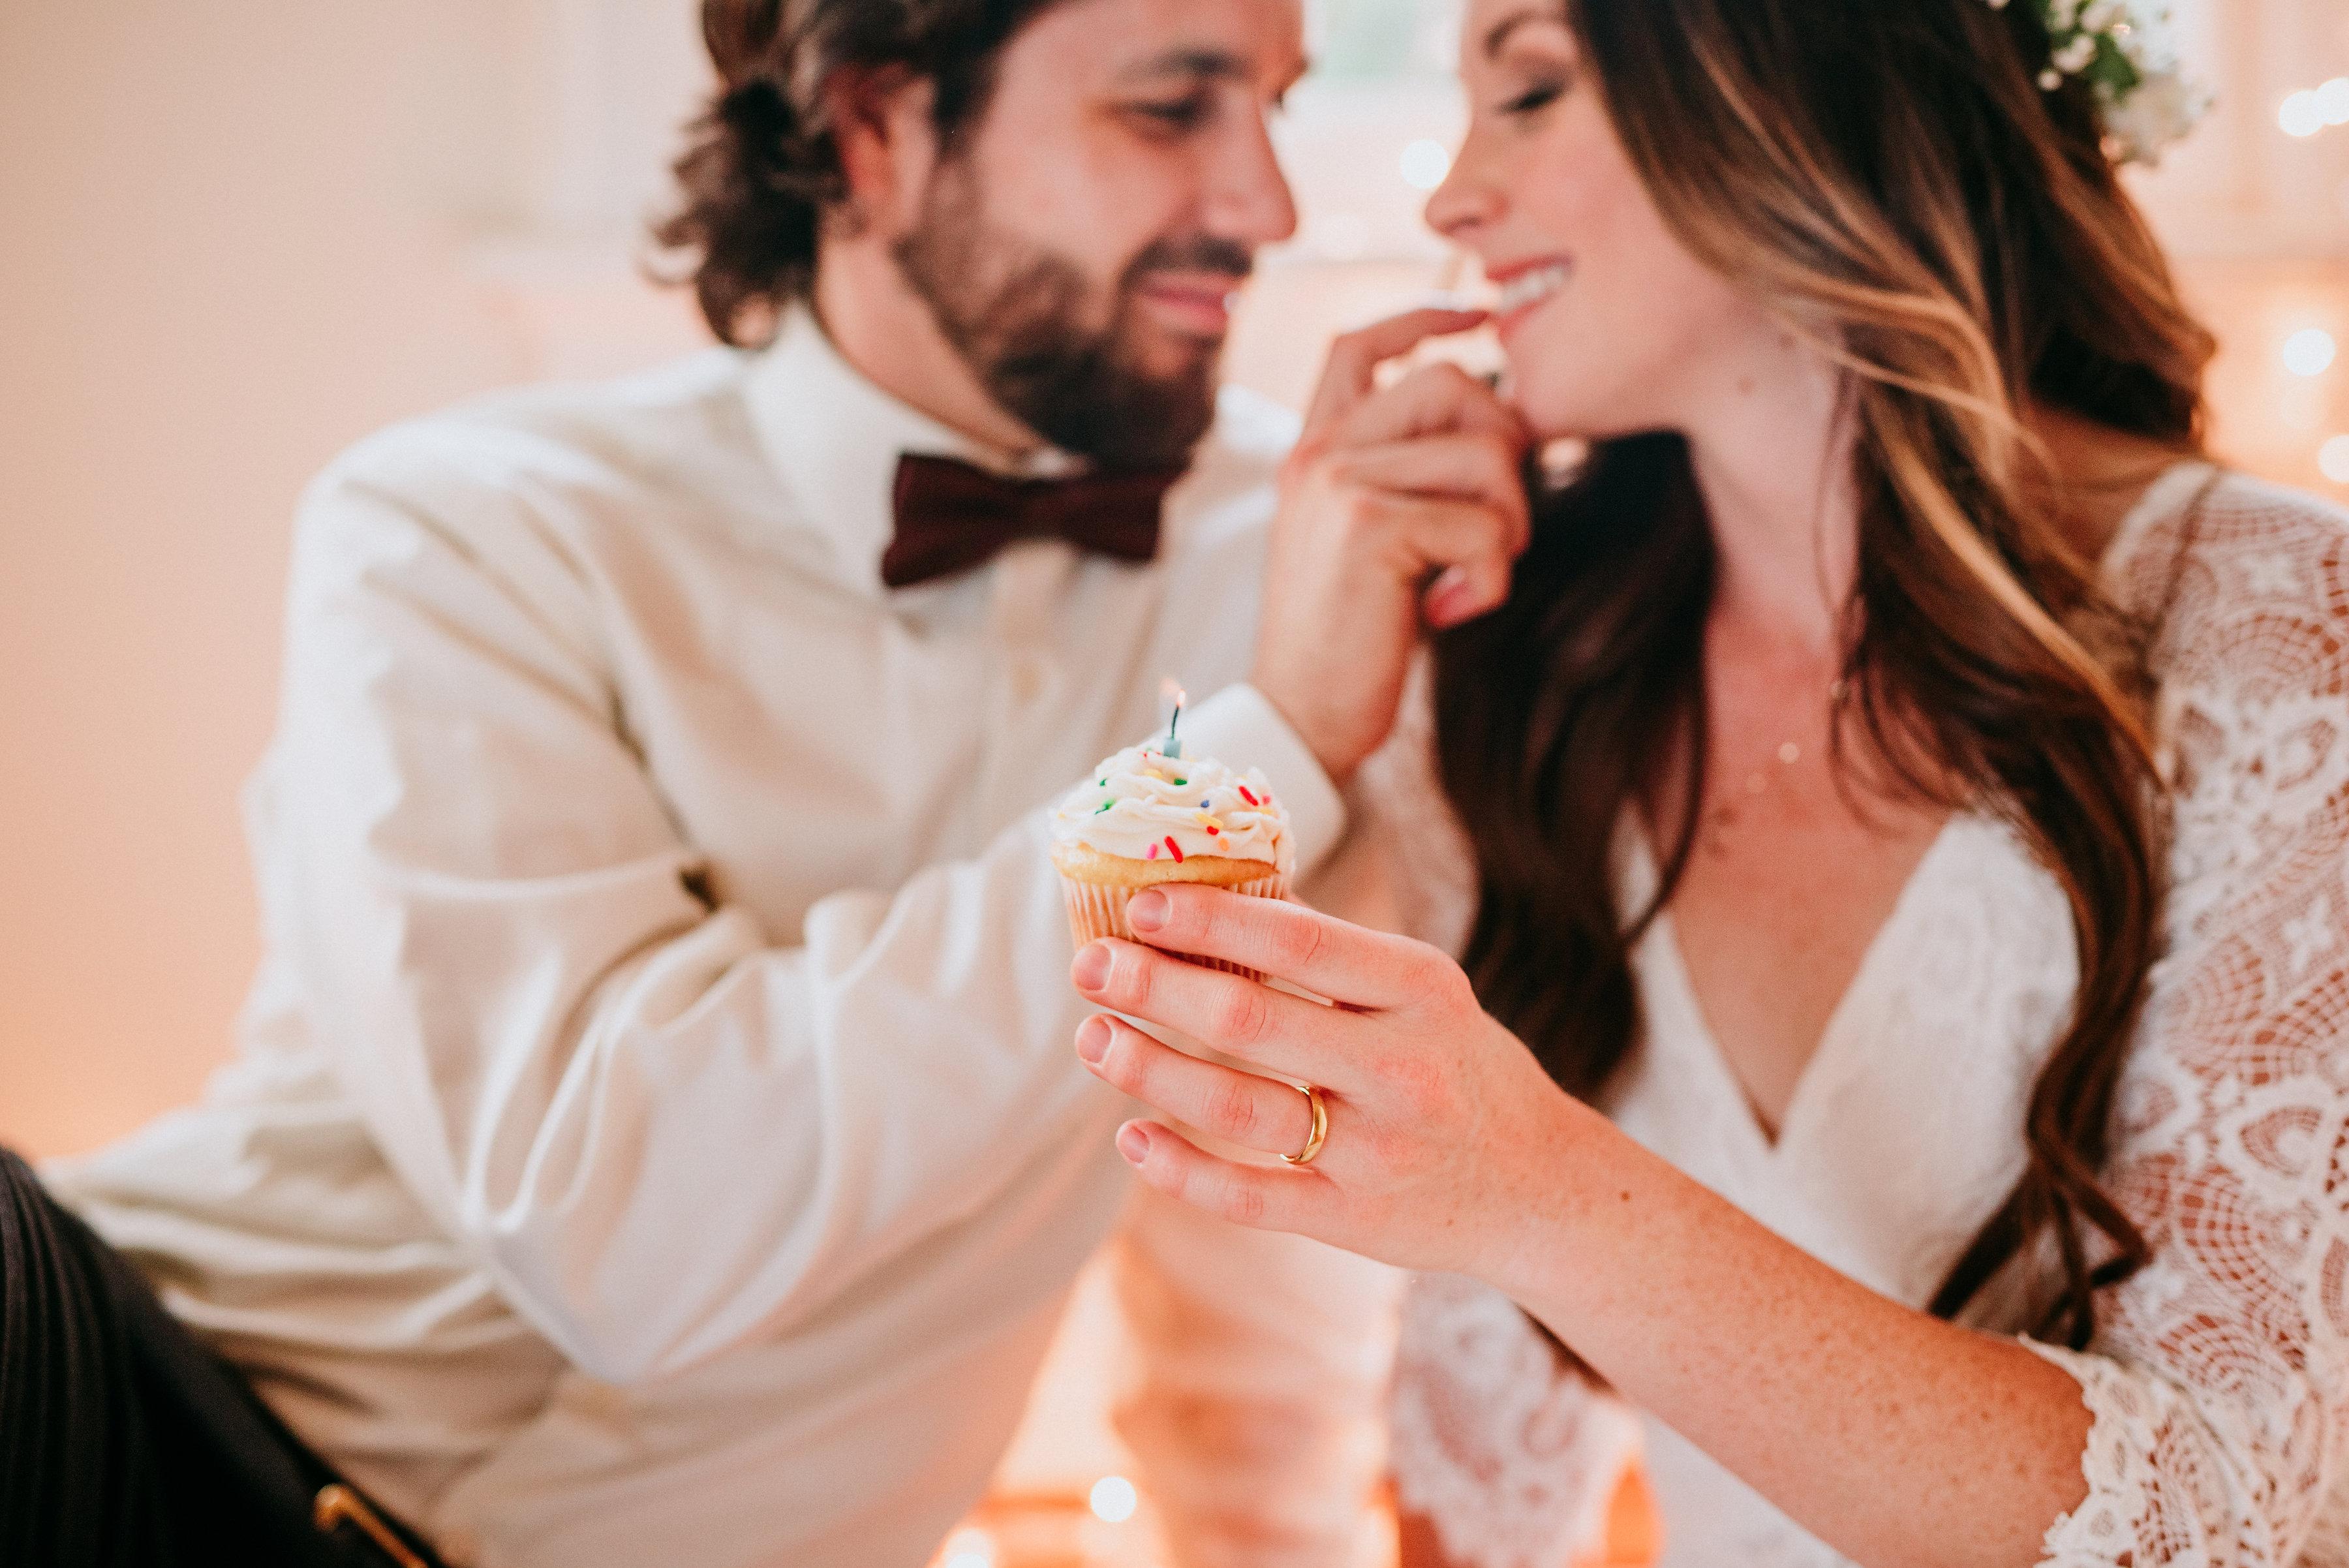 """Models Sharing Cupcake at """"This Is Us"""" Wedding Inspiration Shoot"""